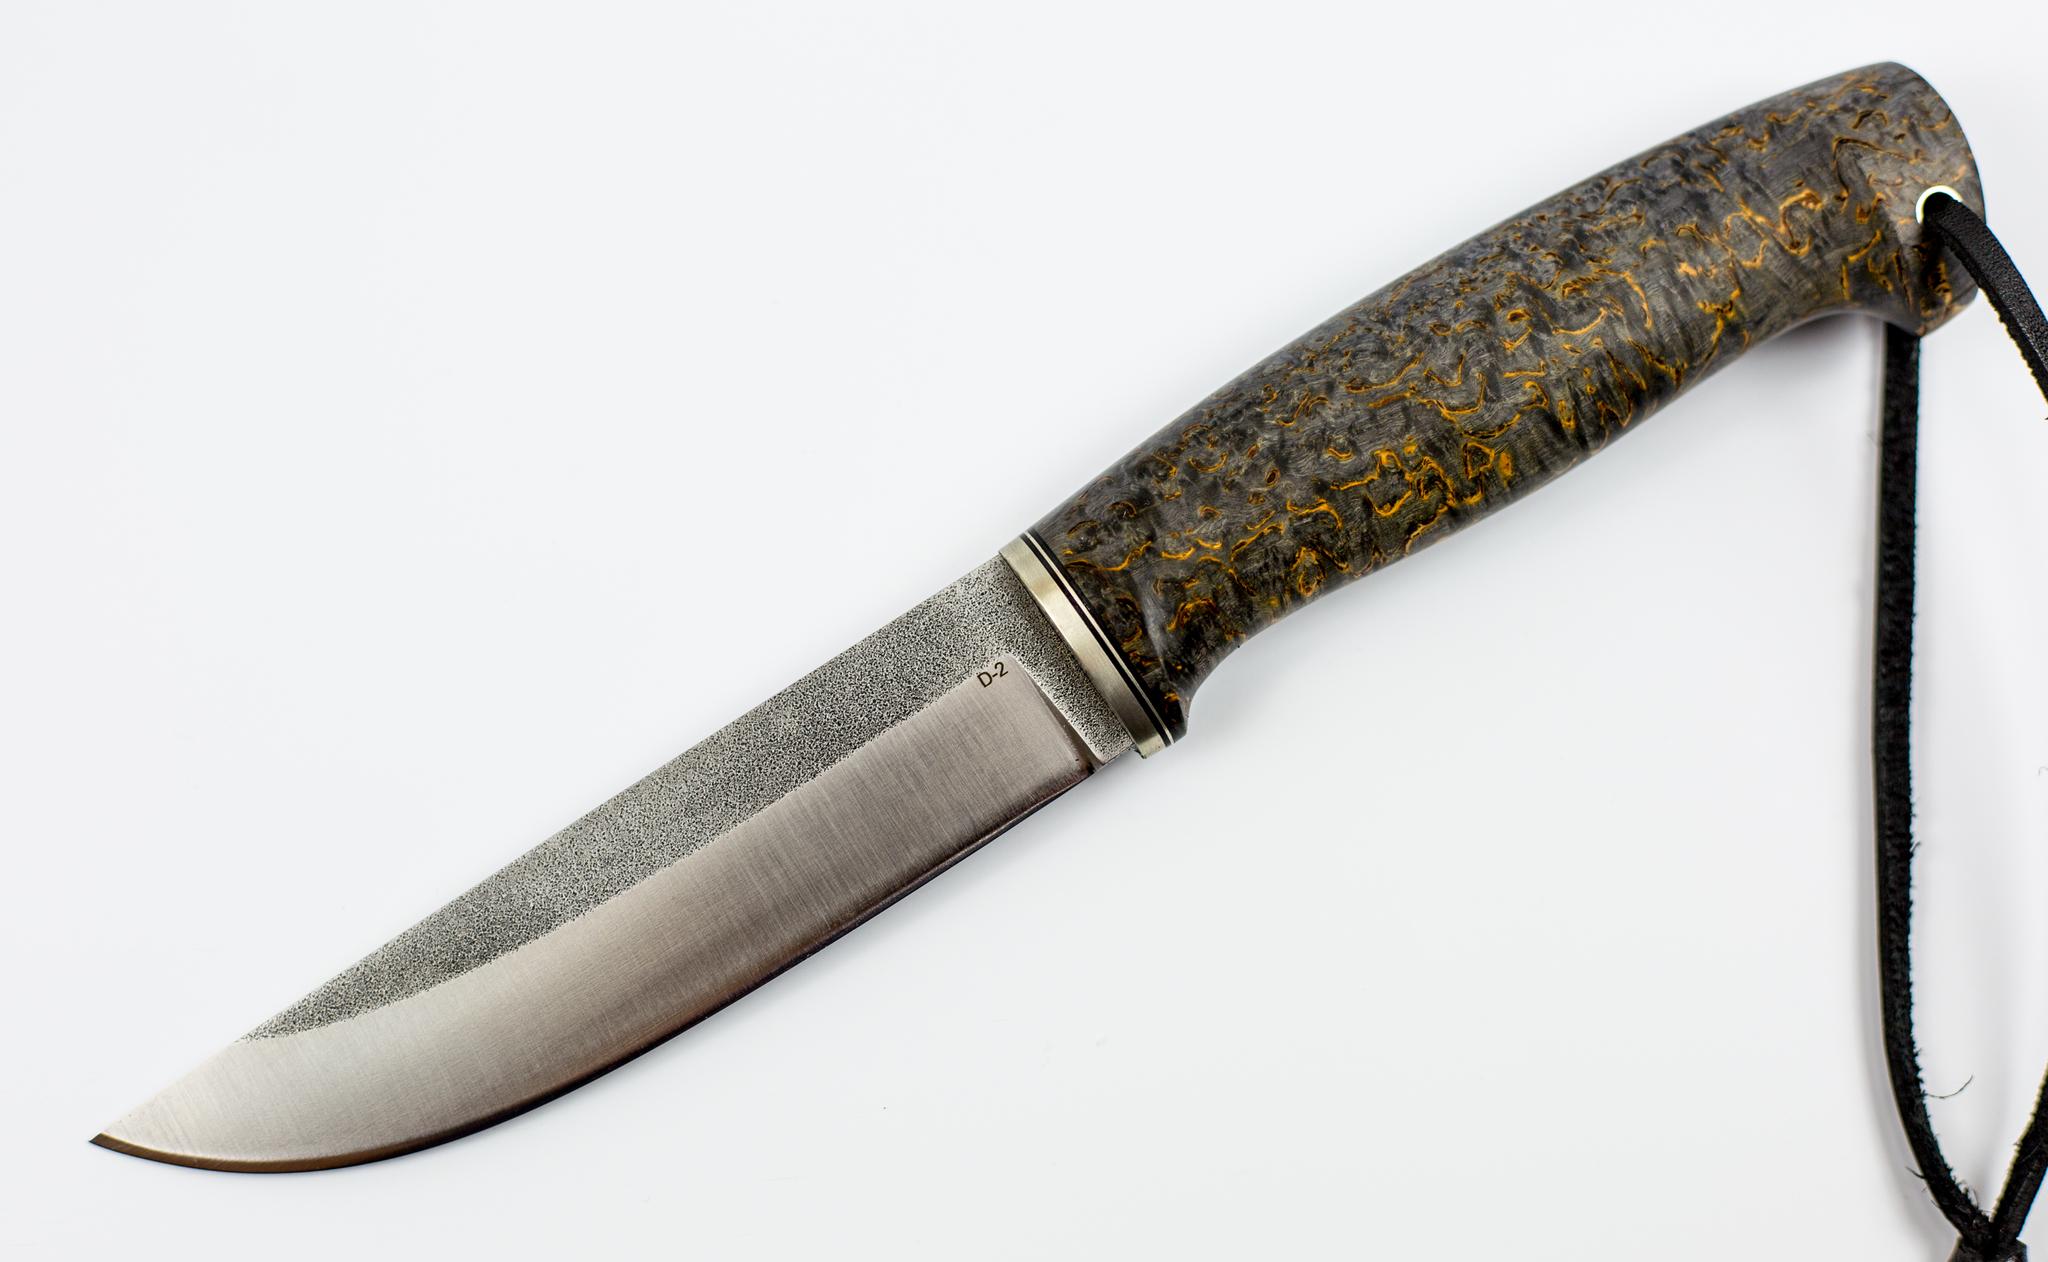 Нож Лиман, сталь D2, стабилизированная карельская береза